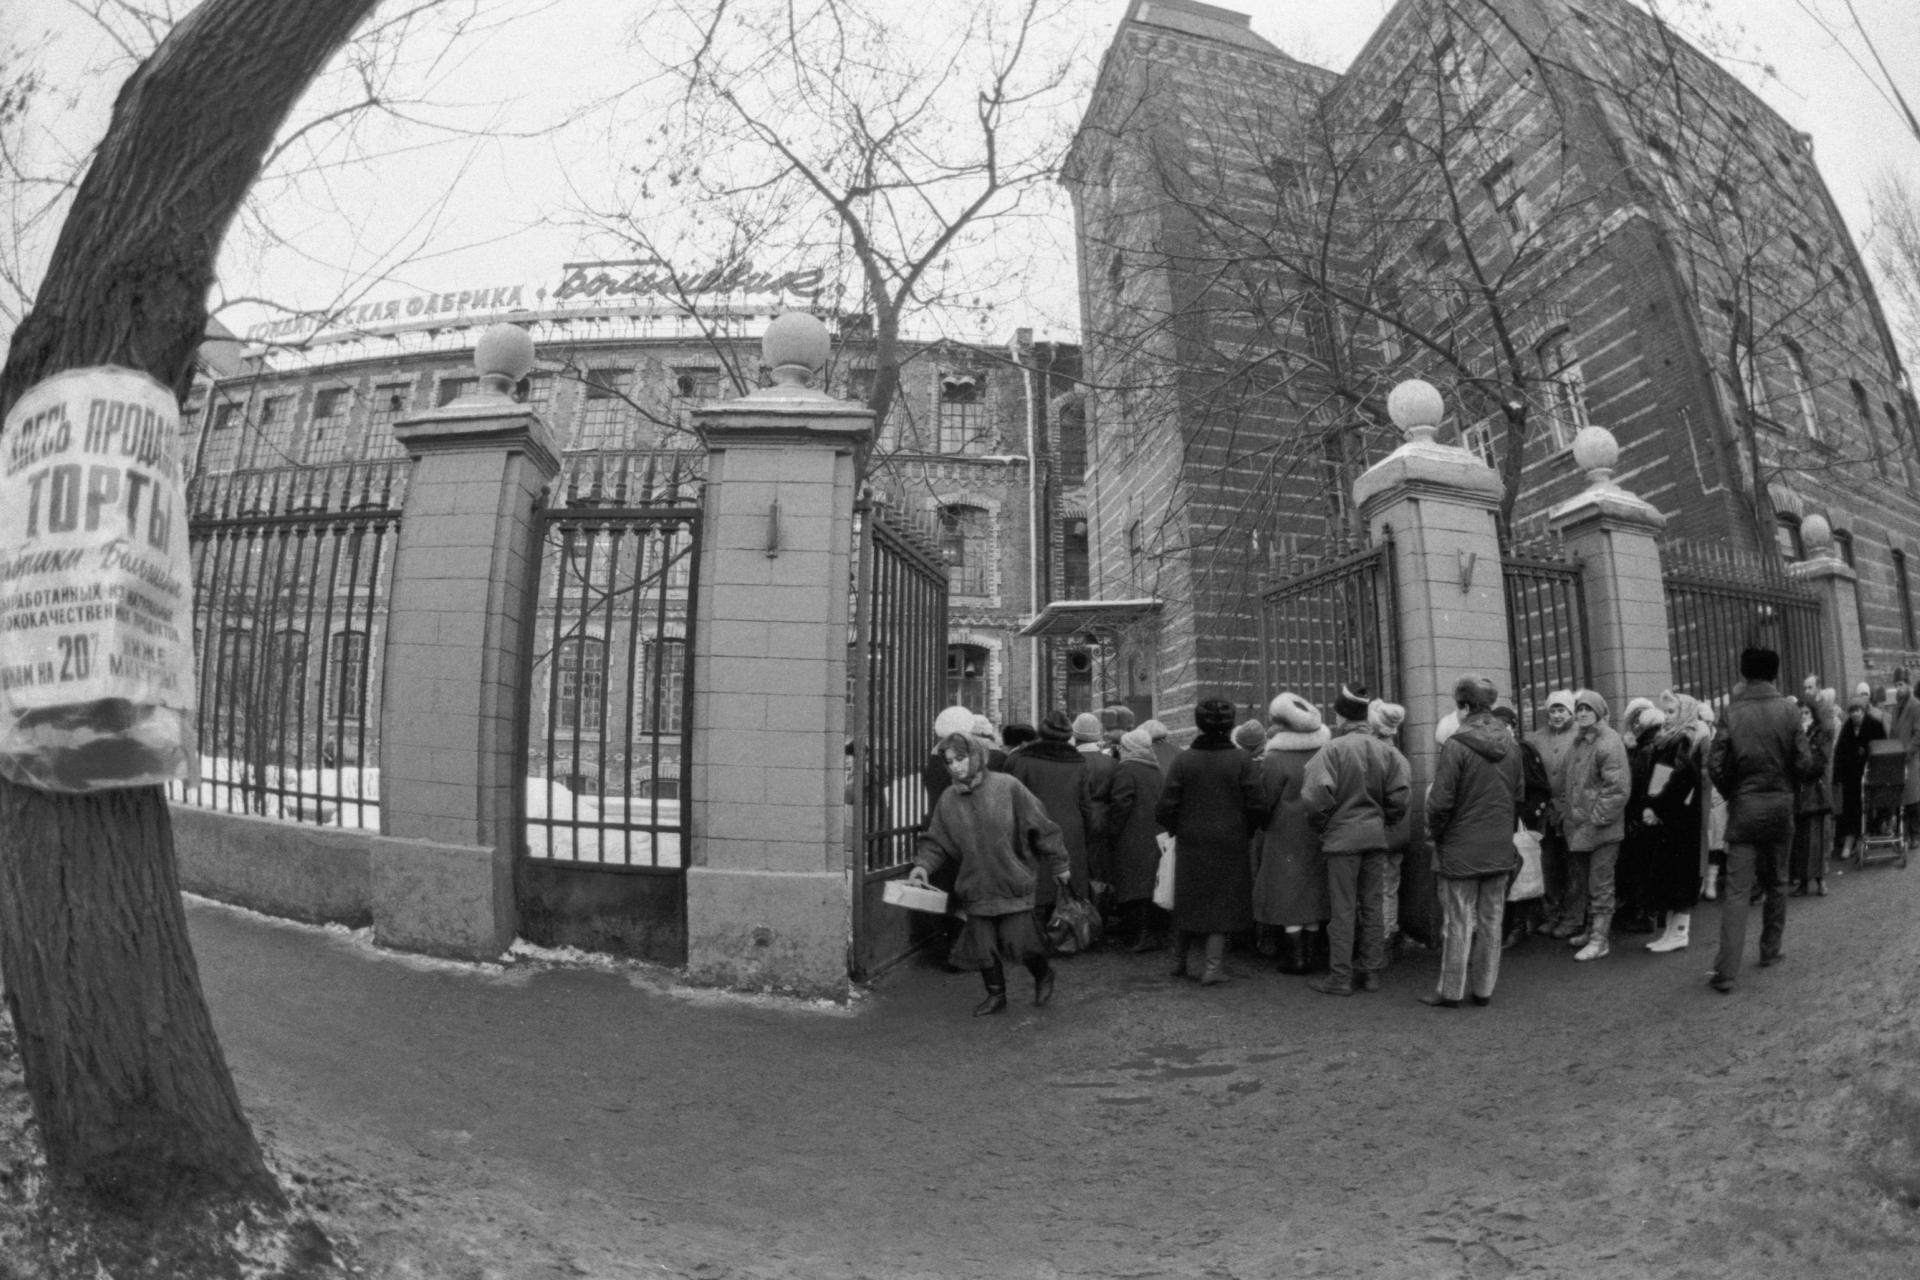 13 февраля 1992 года. Очередь за сладкой продукцией у проходной Московской кондитерской фабрики «Большевик»